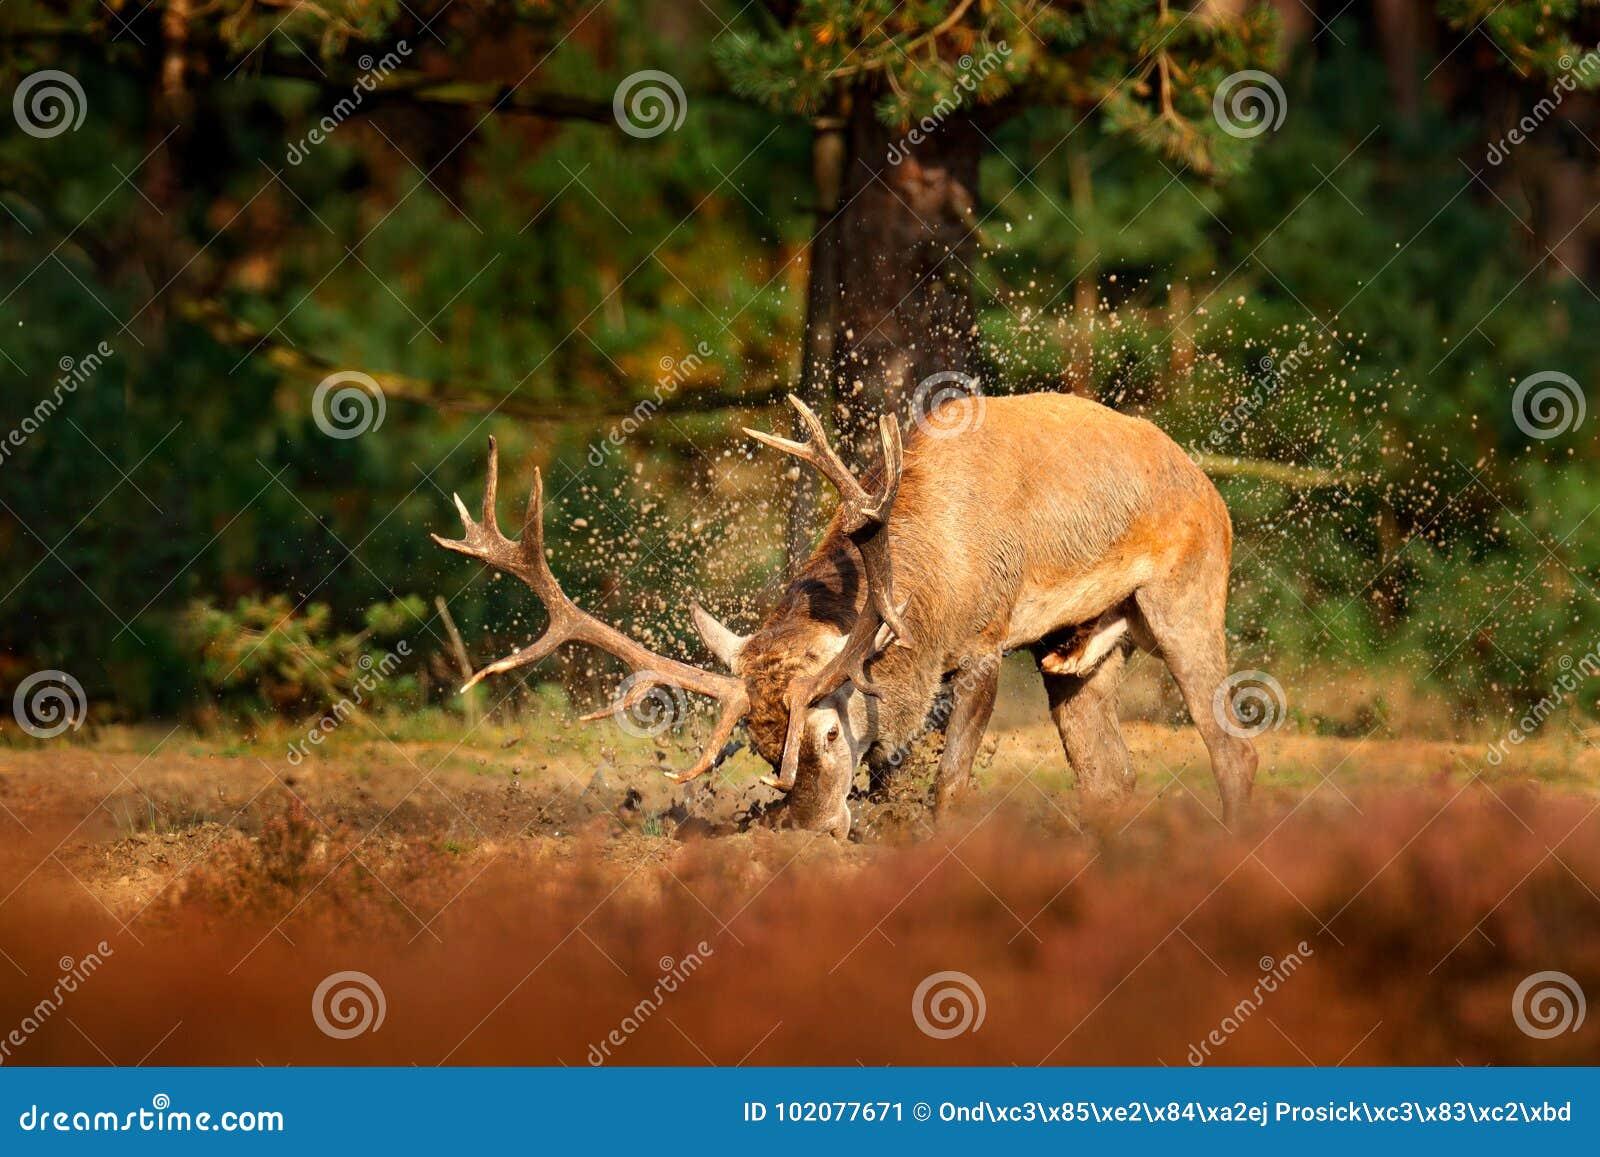 Czerwony rogacz, rutting sezon, borowinowa gliny woda - skąpanie Jeleni jeleń, bellow majestatycznego potężnego dorosłego zwierzę